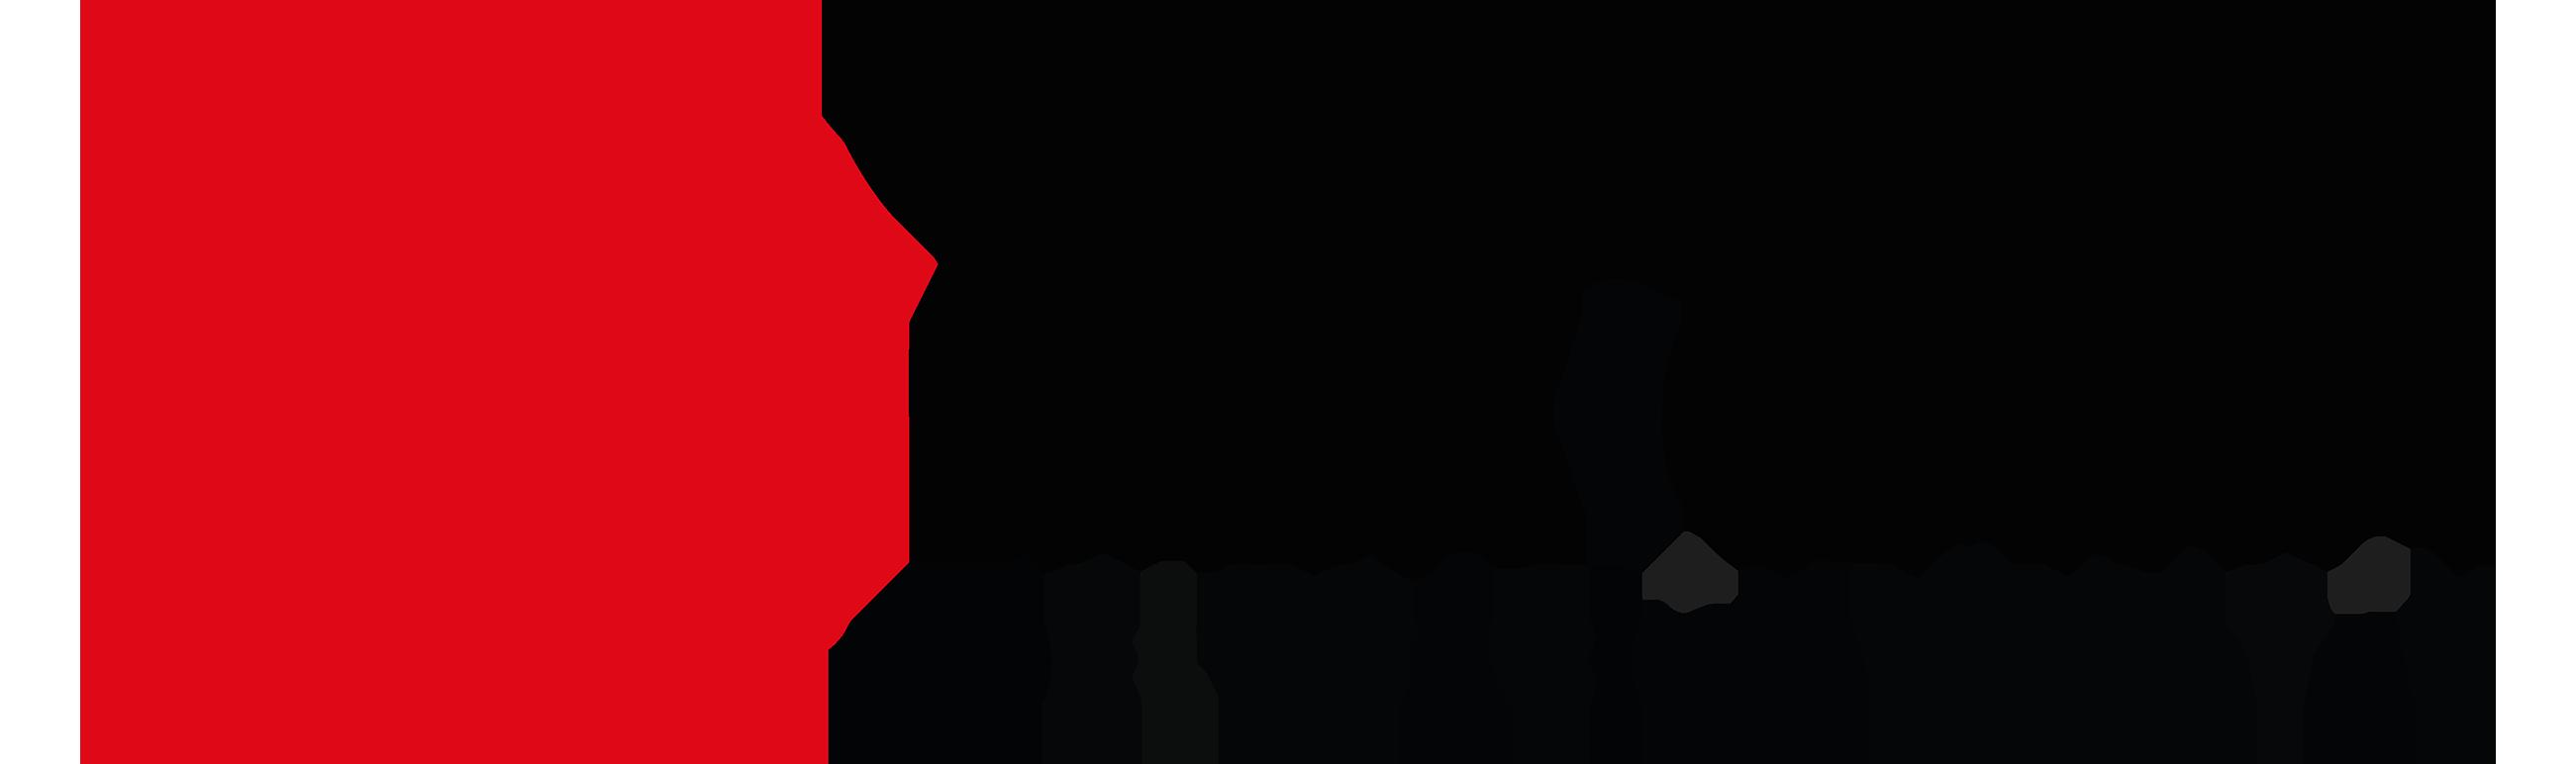 Cruz Roja Yucatán